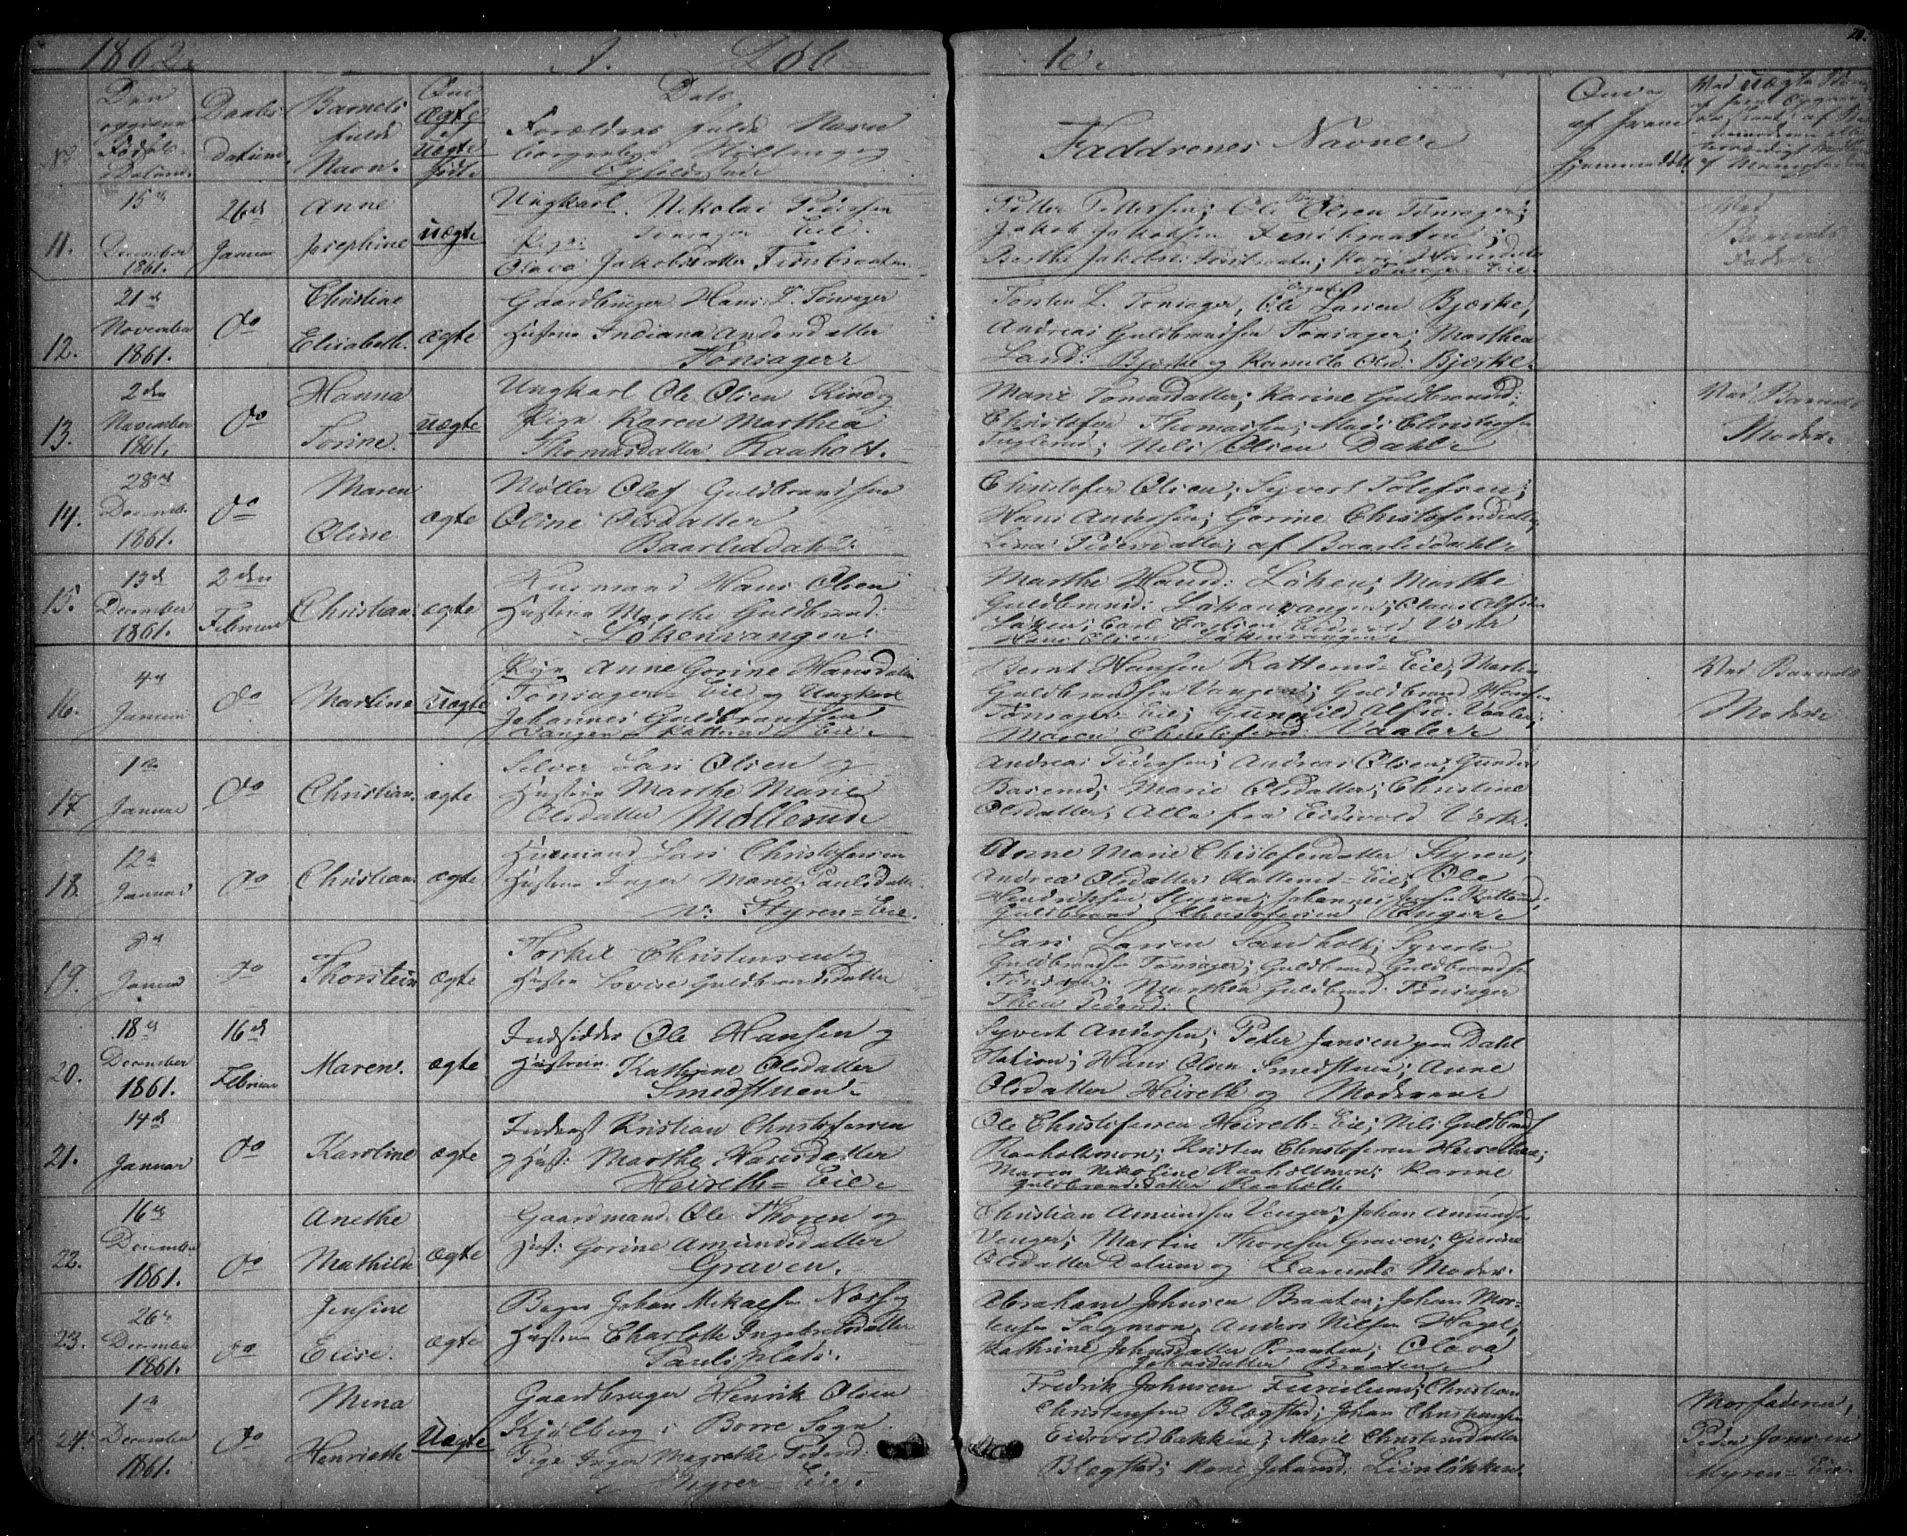 SAO, Eidsvoll prestekontor Kirkebøker, G/Ga/L0001: Klokkerbok nr. I 1, 1861-1866, s. 20